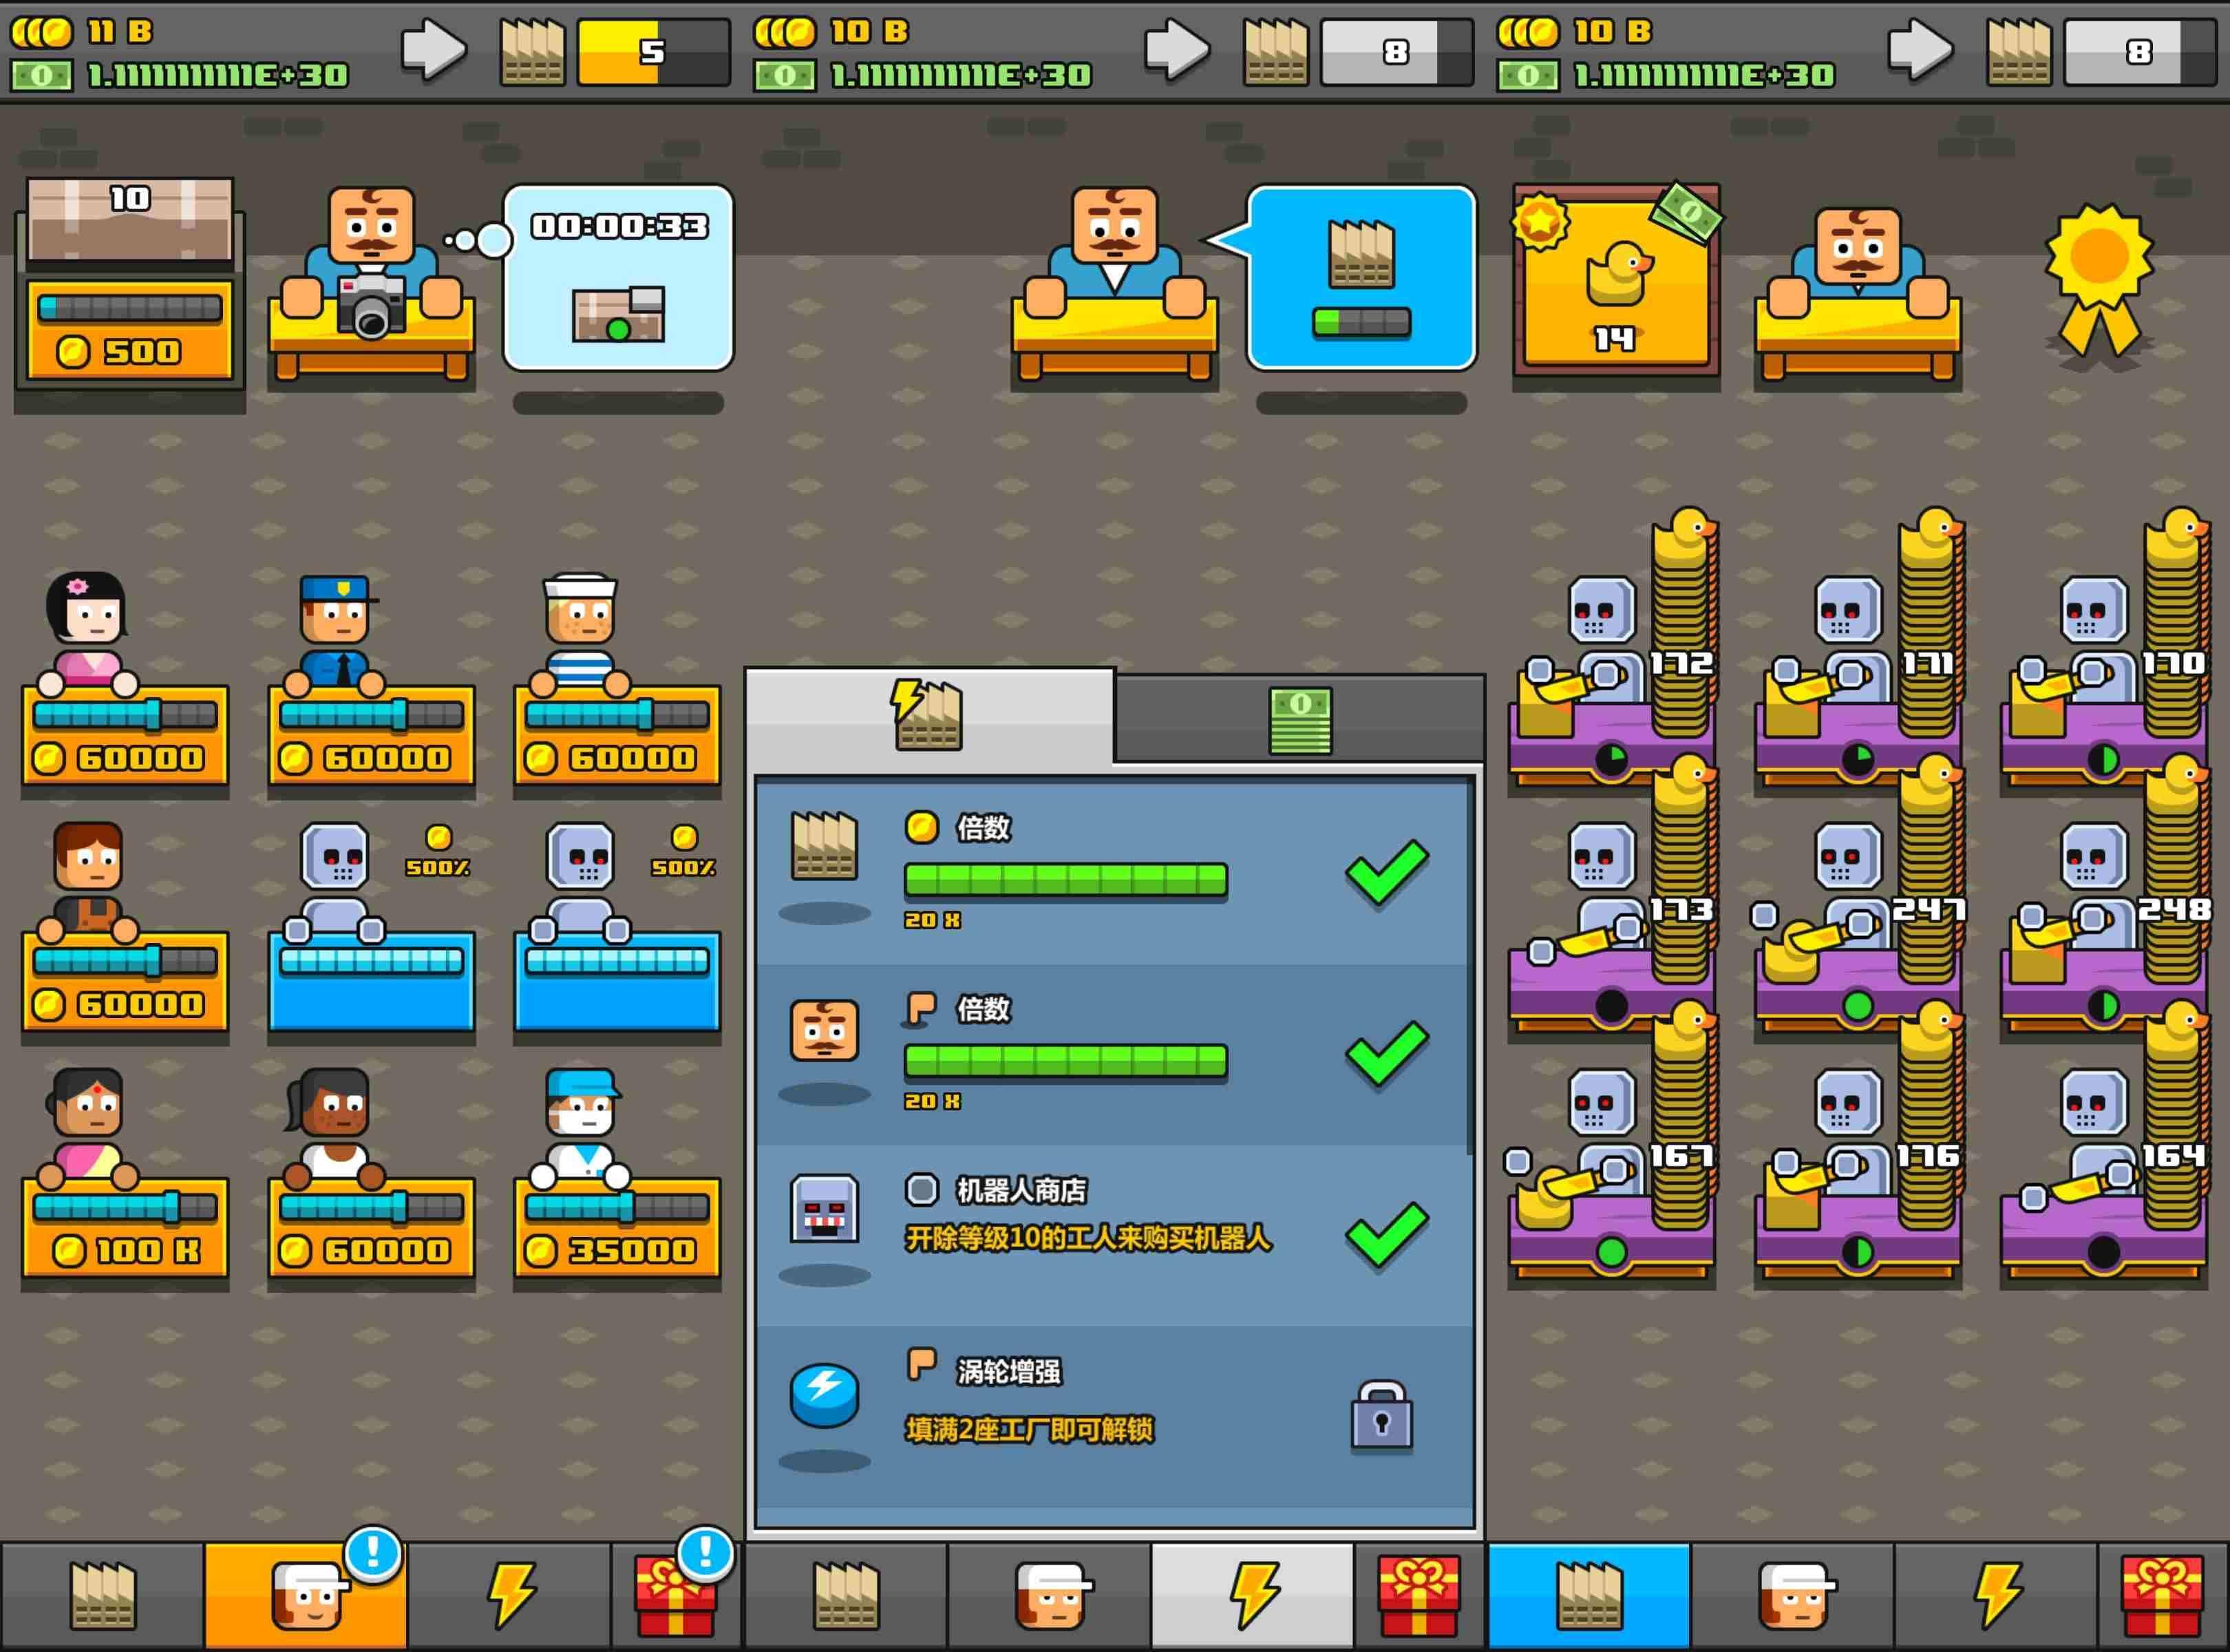 图片[1] 『安卓游戏』大老板v3.0.8 旧人软件阁 软件阁 旧人网络资源 旧人资源网 软件阁旧人 旧人工作室